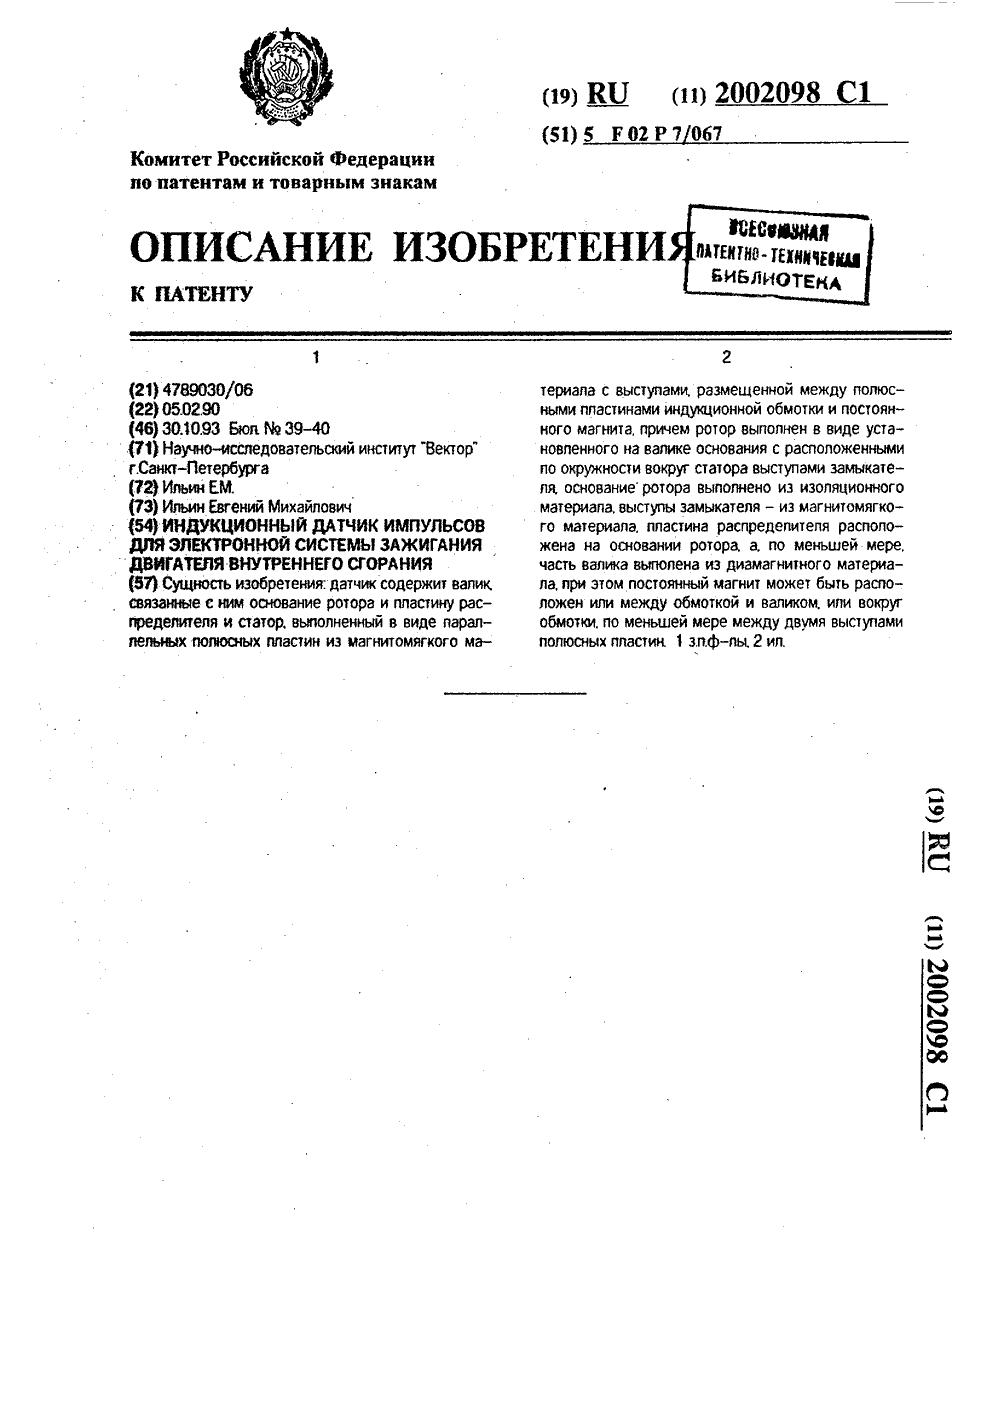 электронная схема импульсной системы зажигания